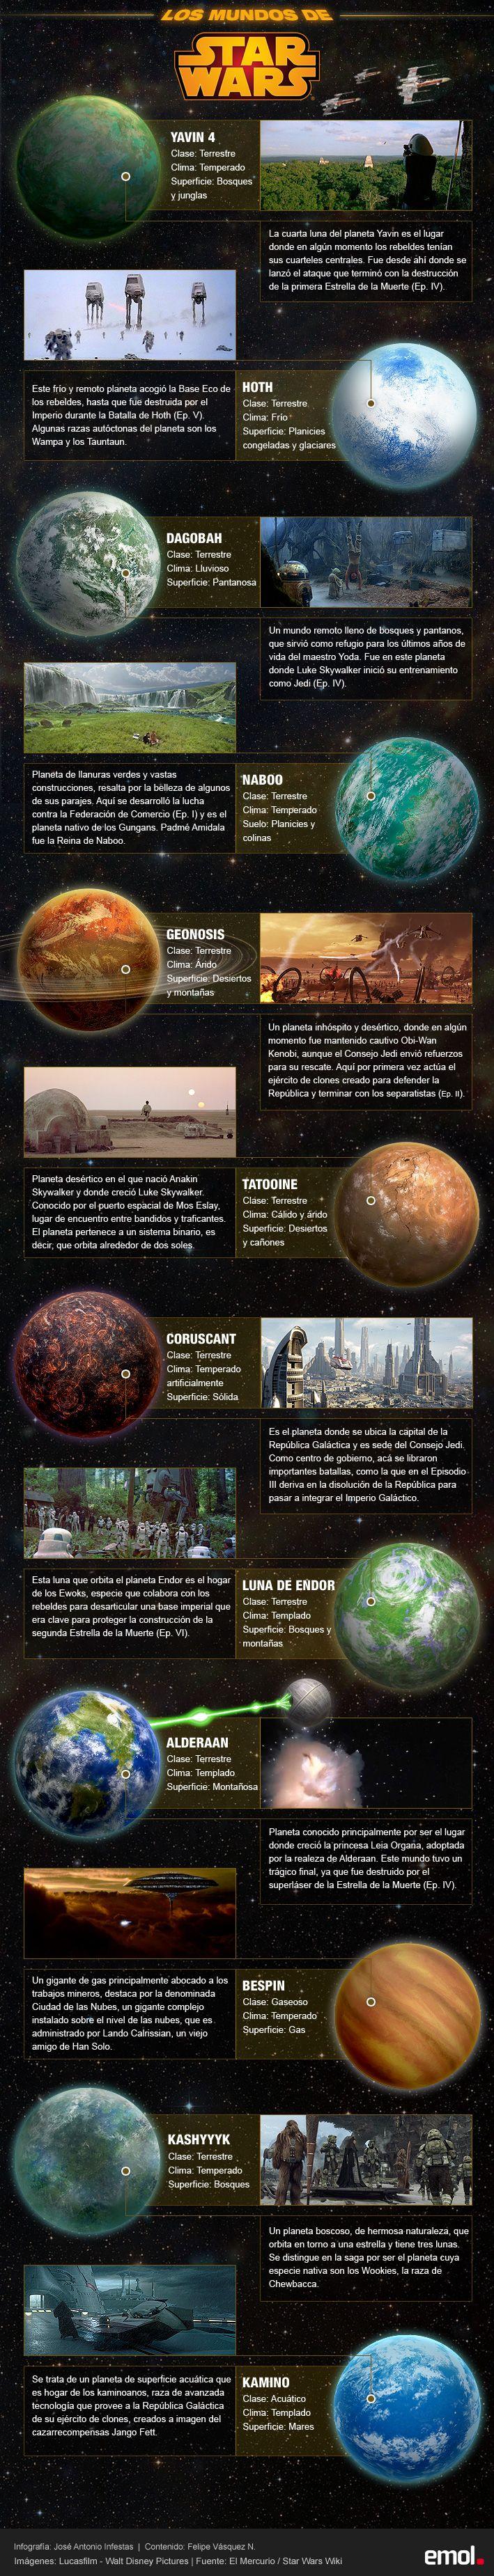 Viaja a través de los sistemas galácticos de Star Wars creados por George Lucas para visitar los planetas y lunas en los que se desarrollaron momentos memorables de la saga cinematográfica.